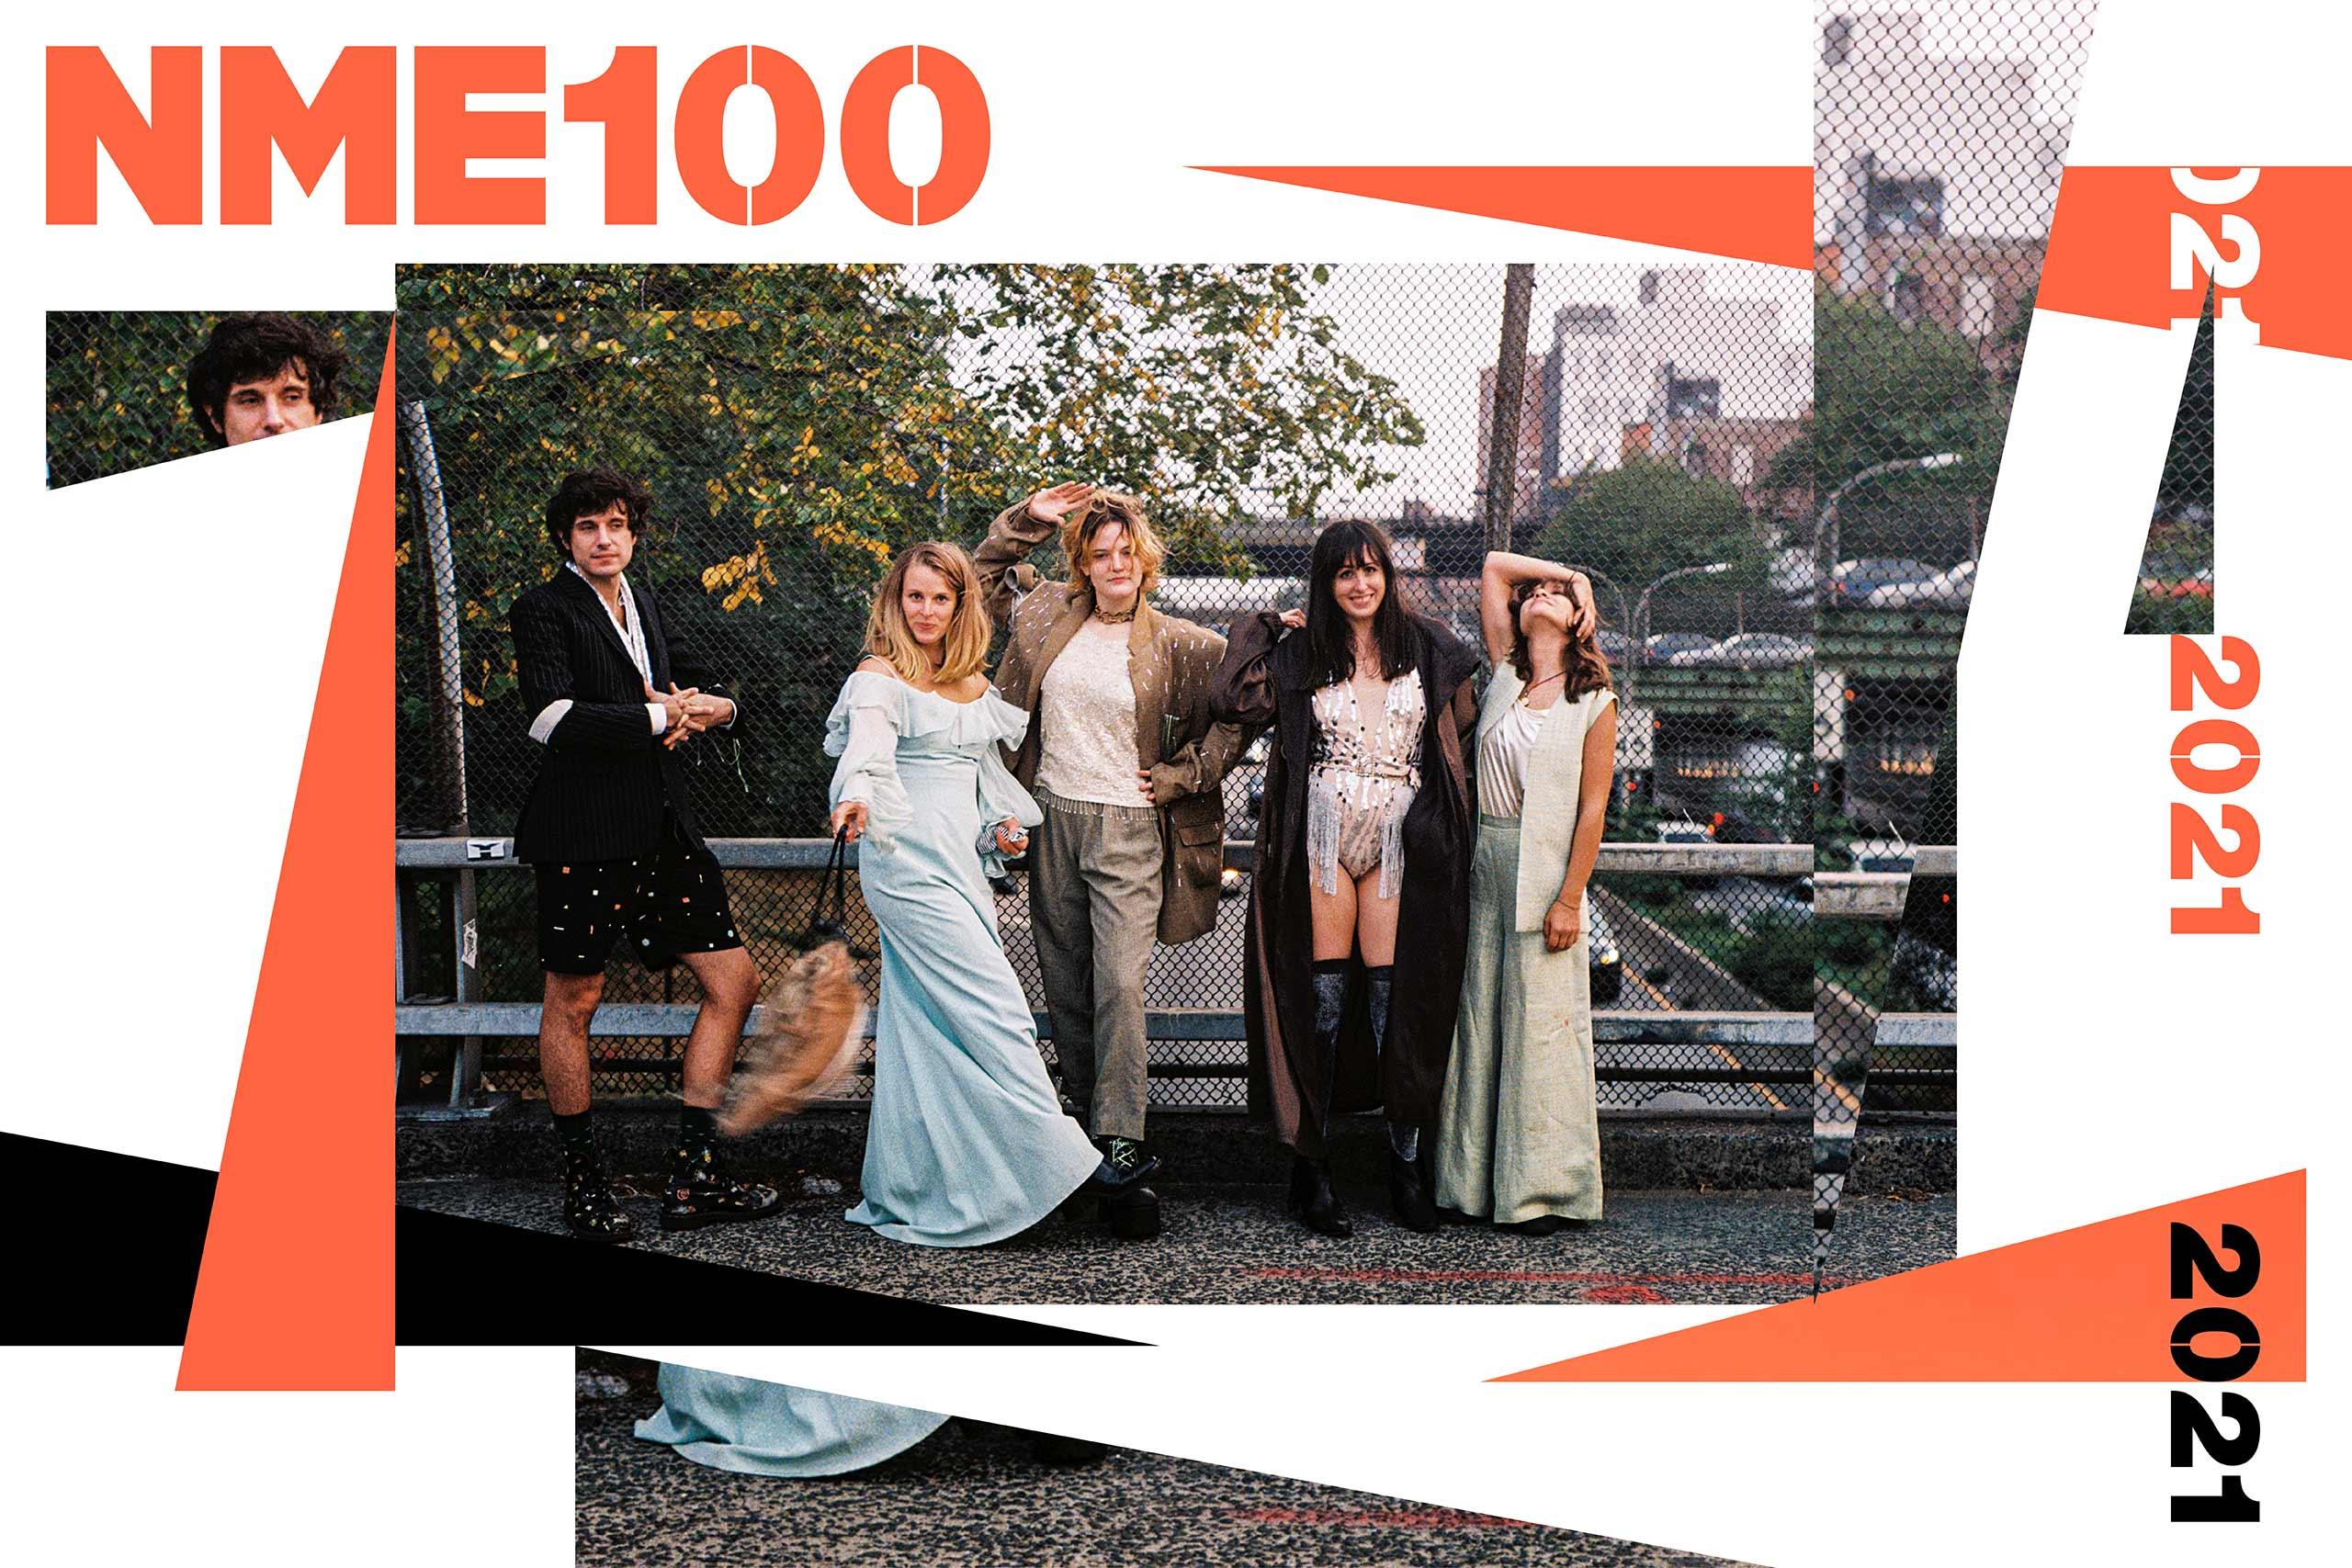 NME 100 gustaf